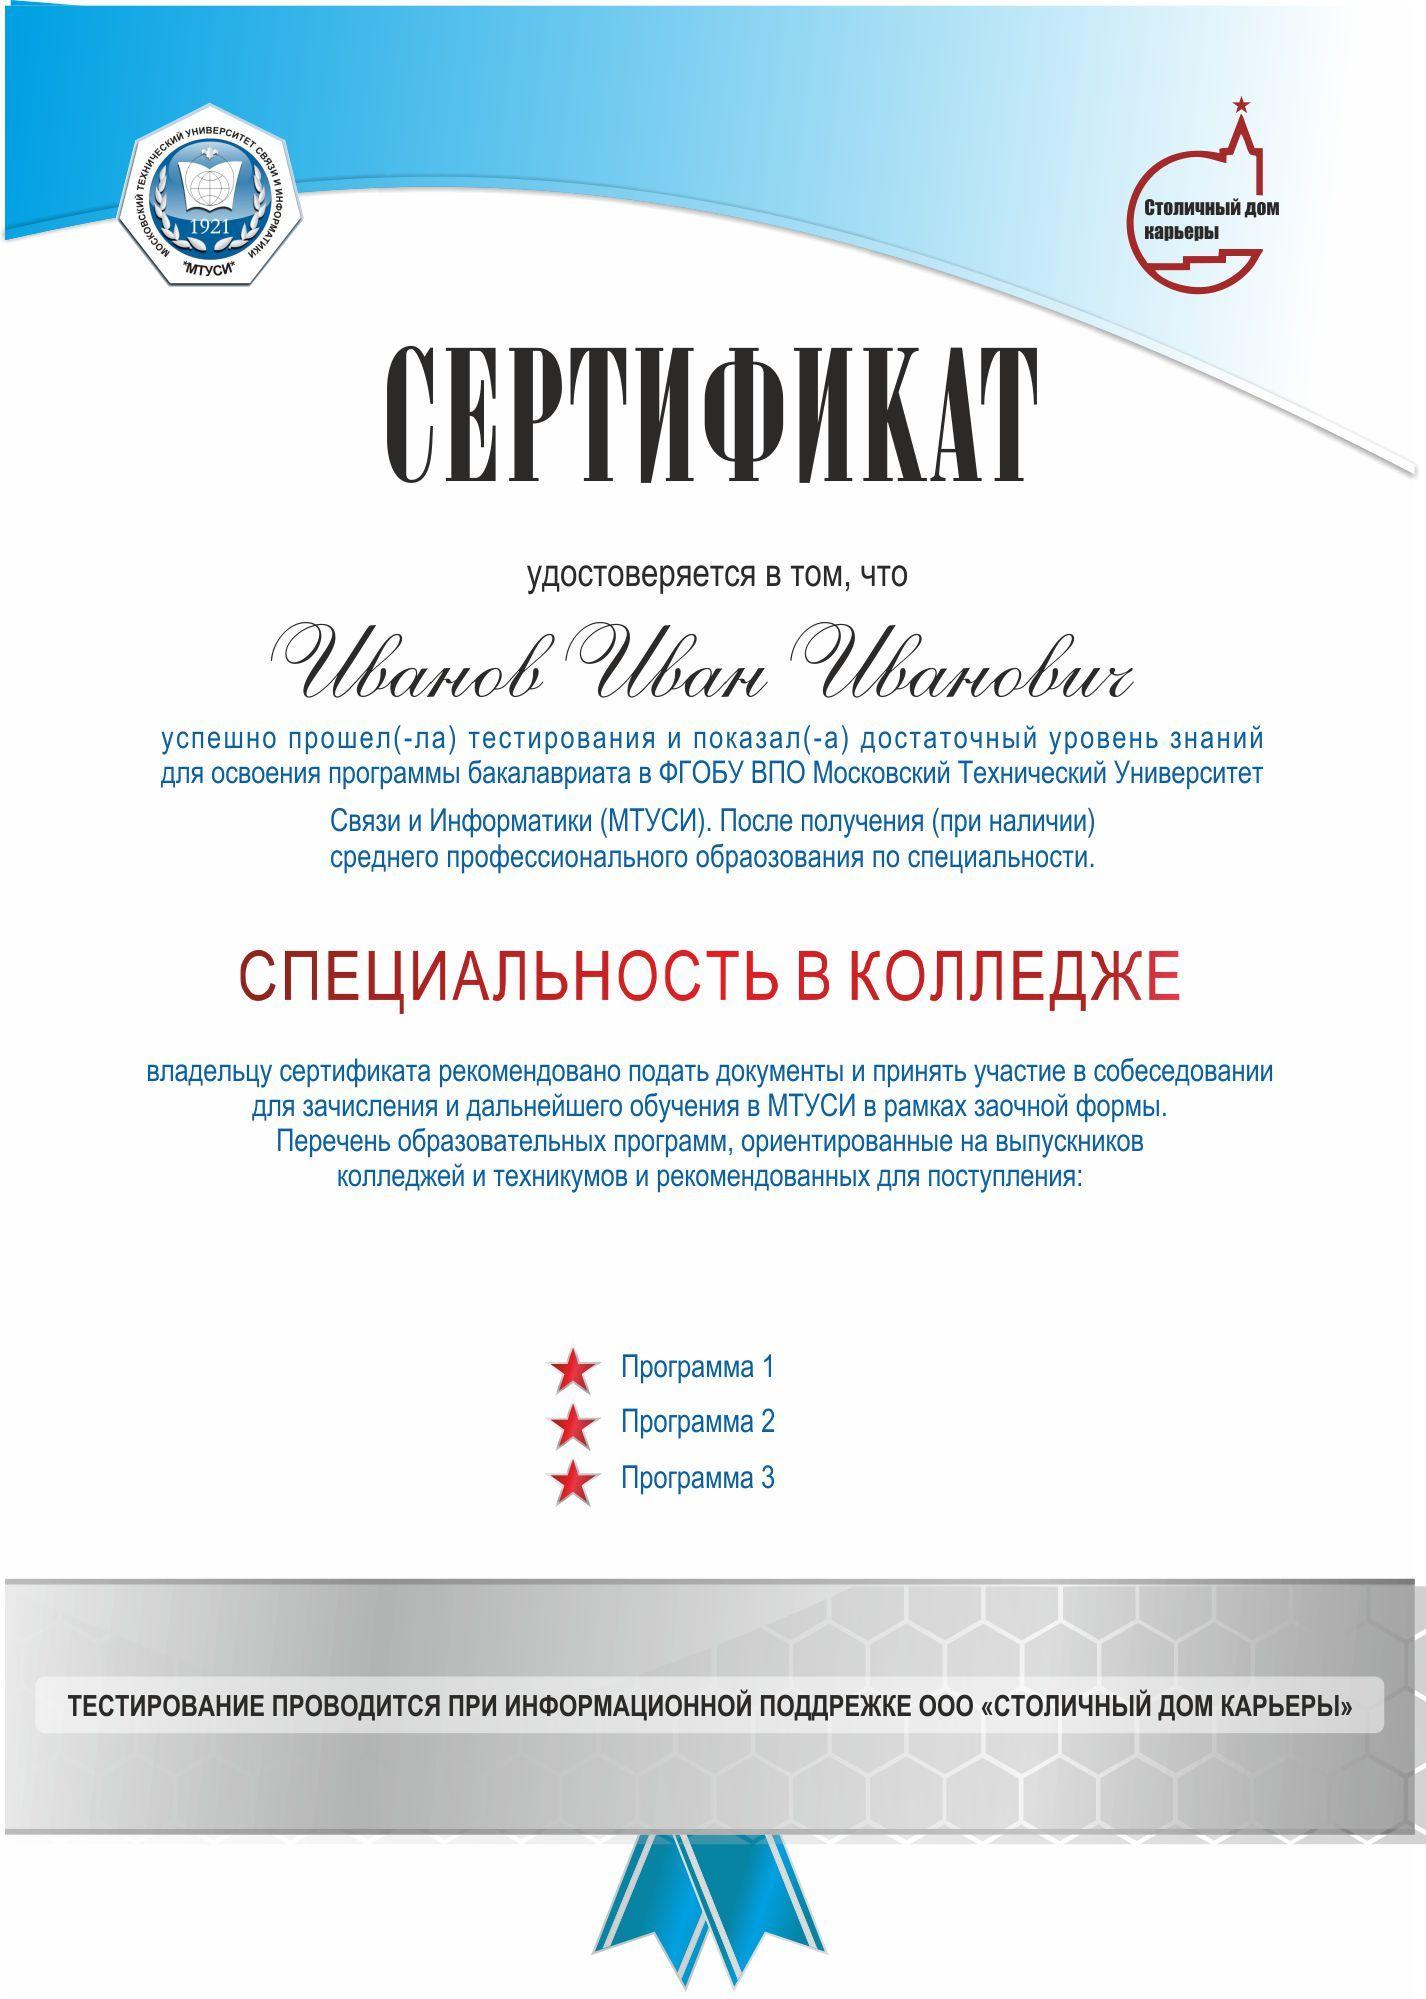 Сертификат для университета МТУСИ - дизайнер OlgaAI